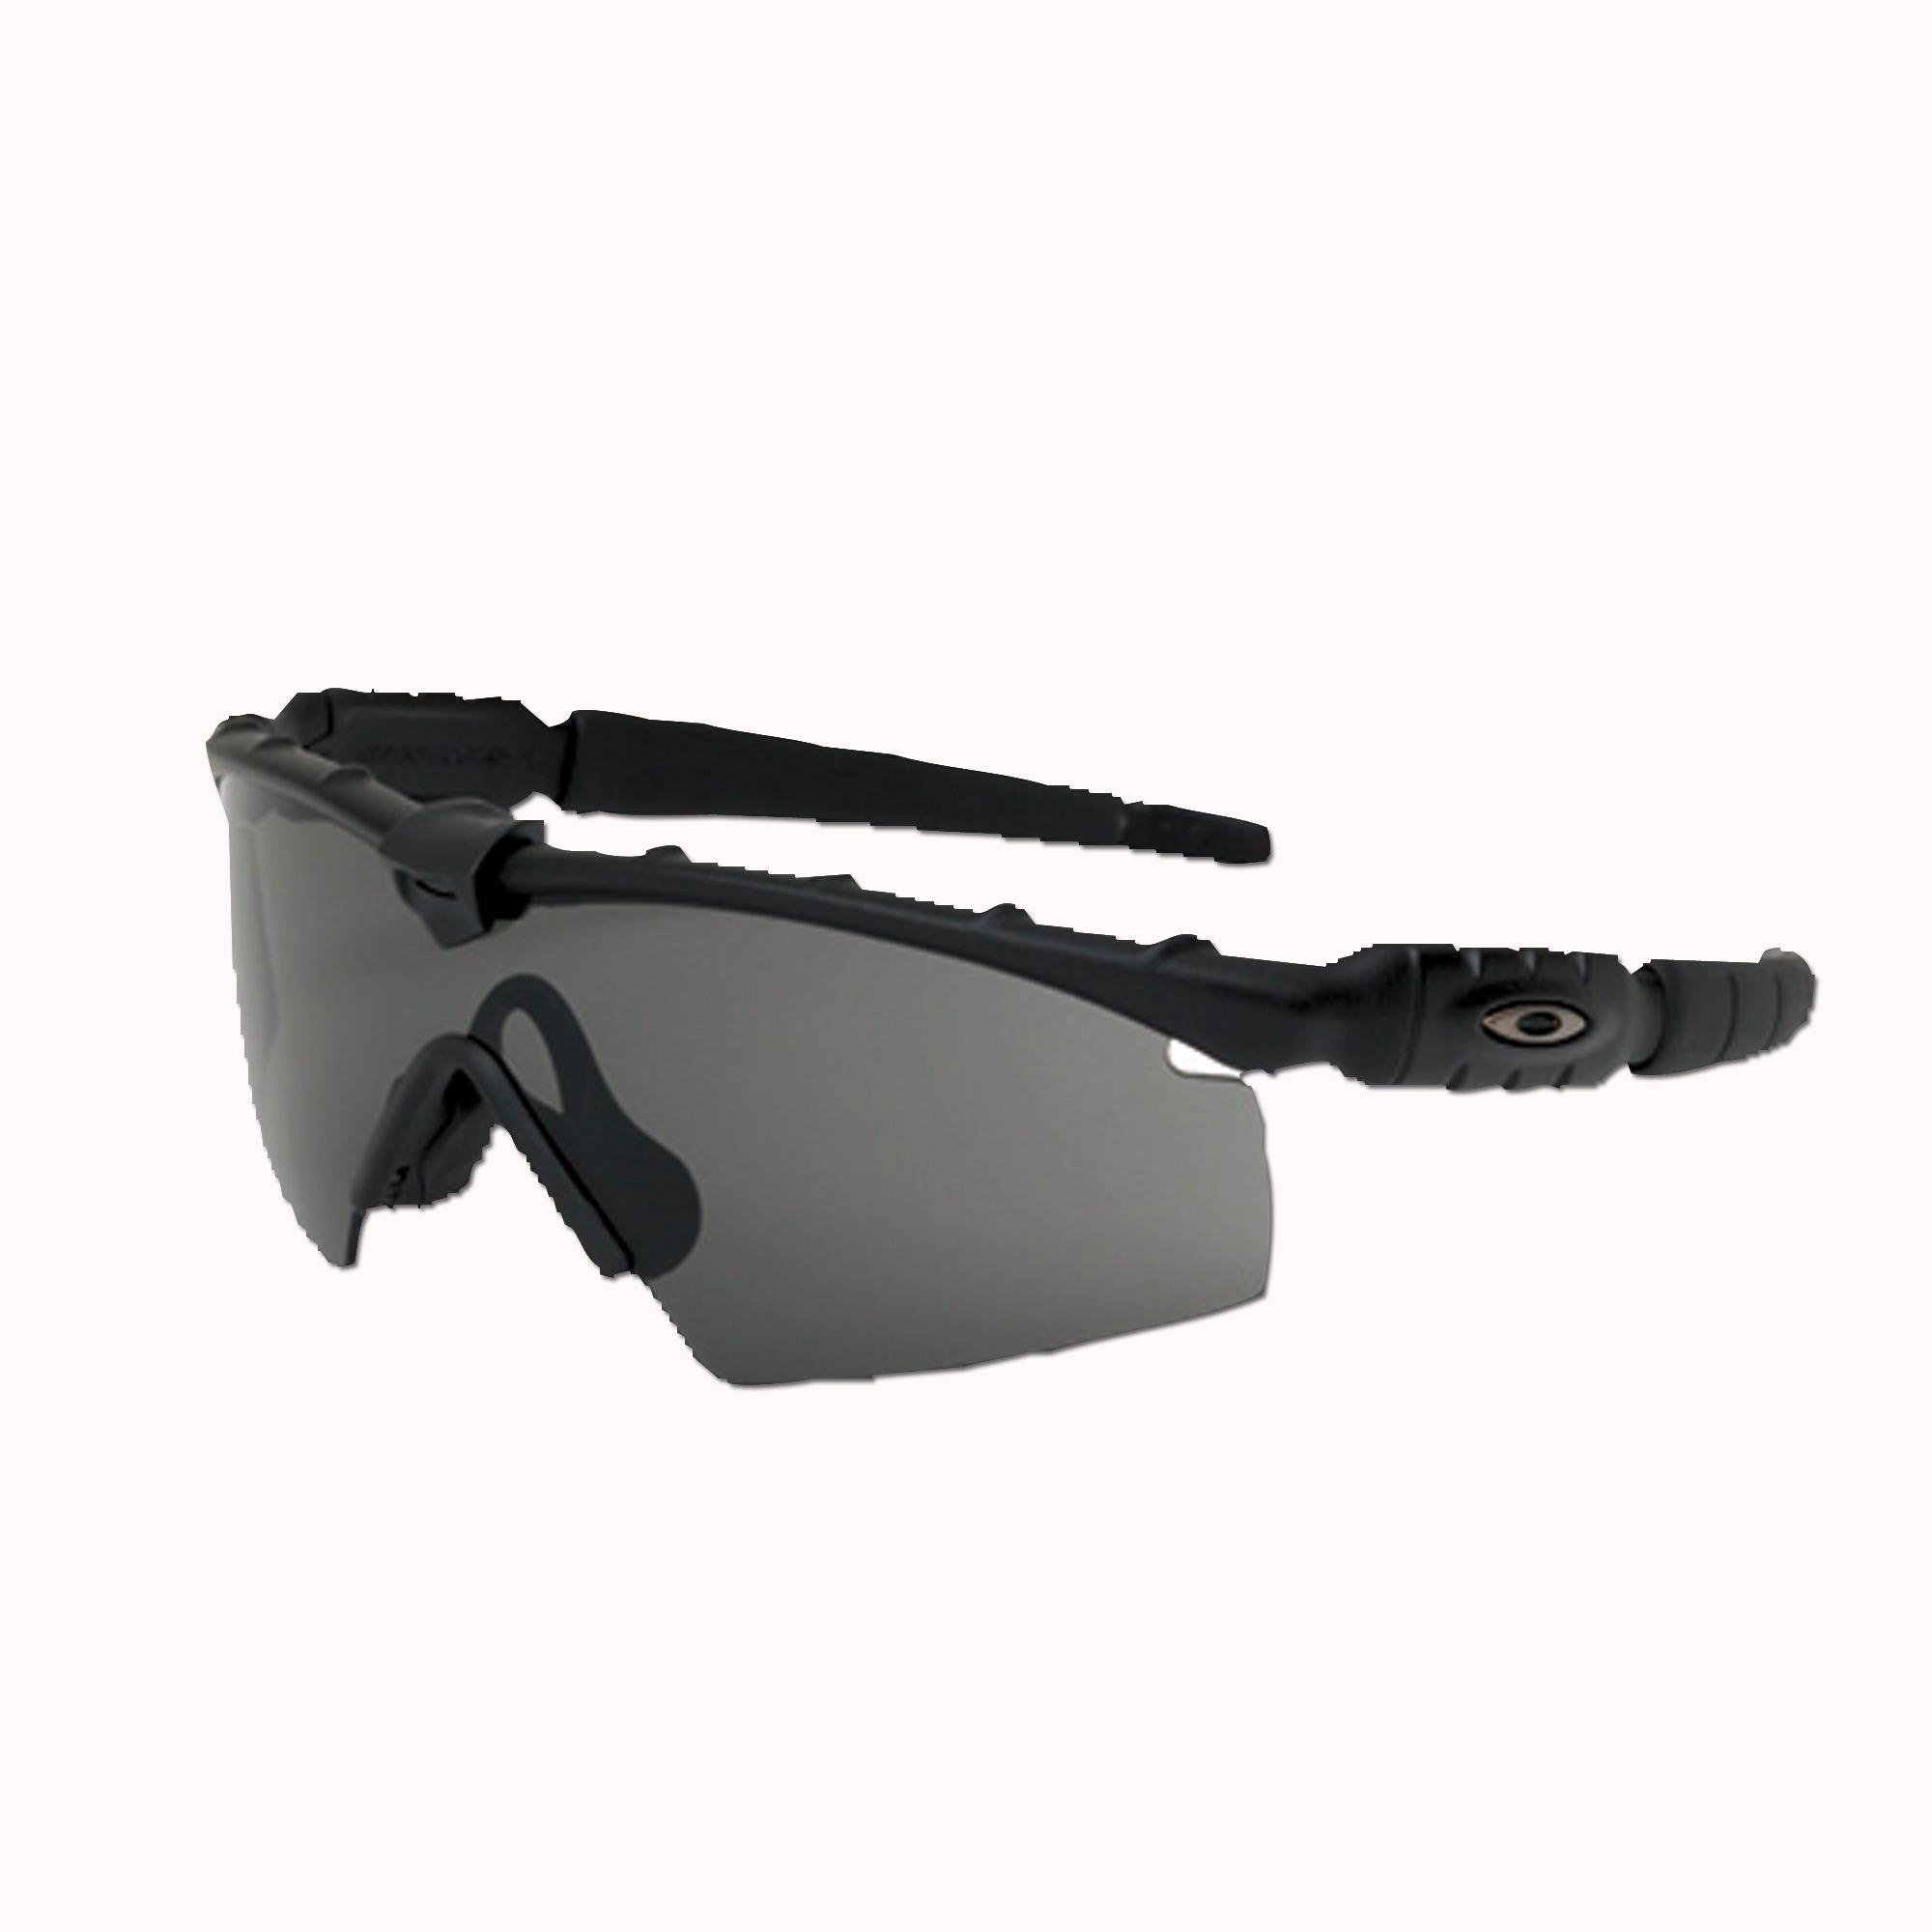 Oakley Schutzbrille M-Frame 2.0 Strike black/grey